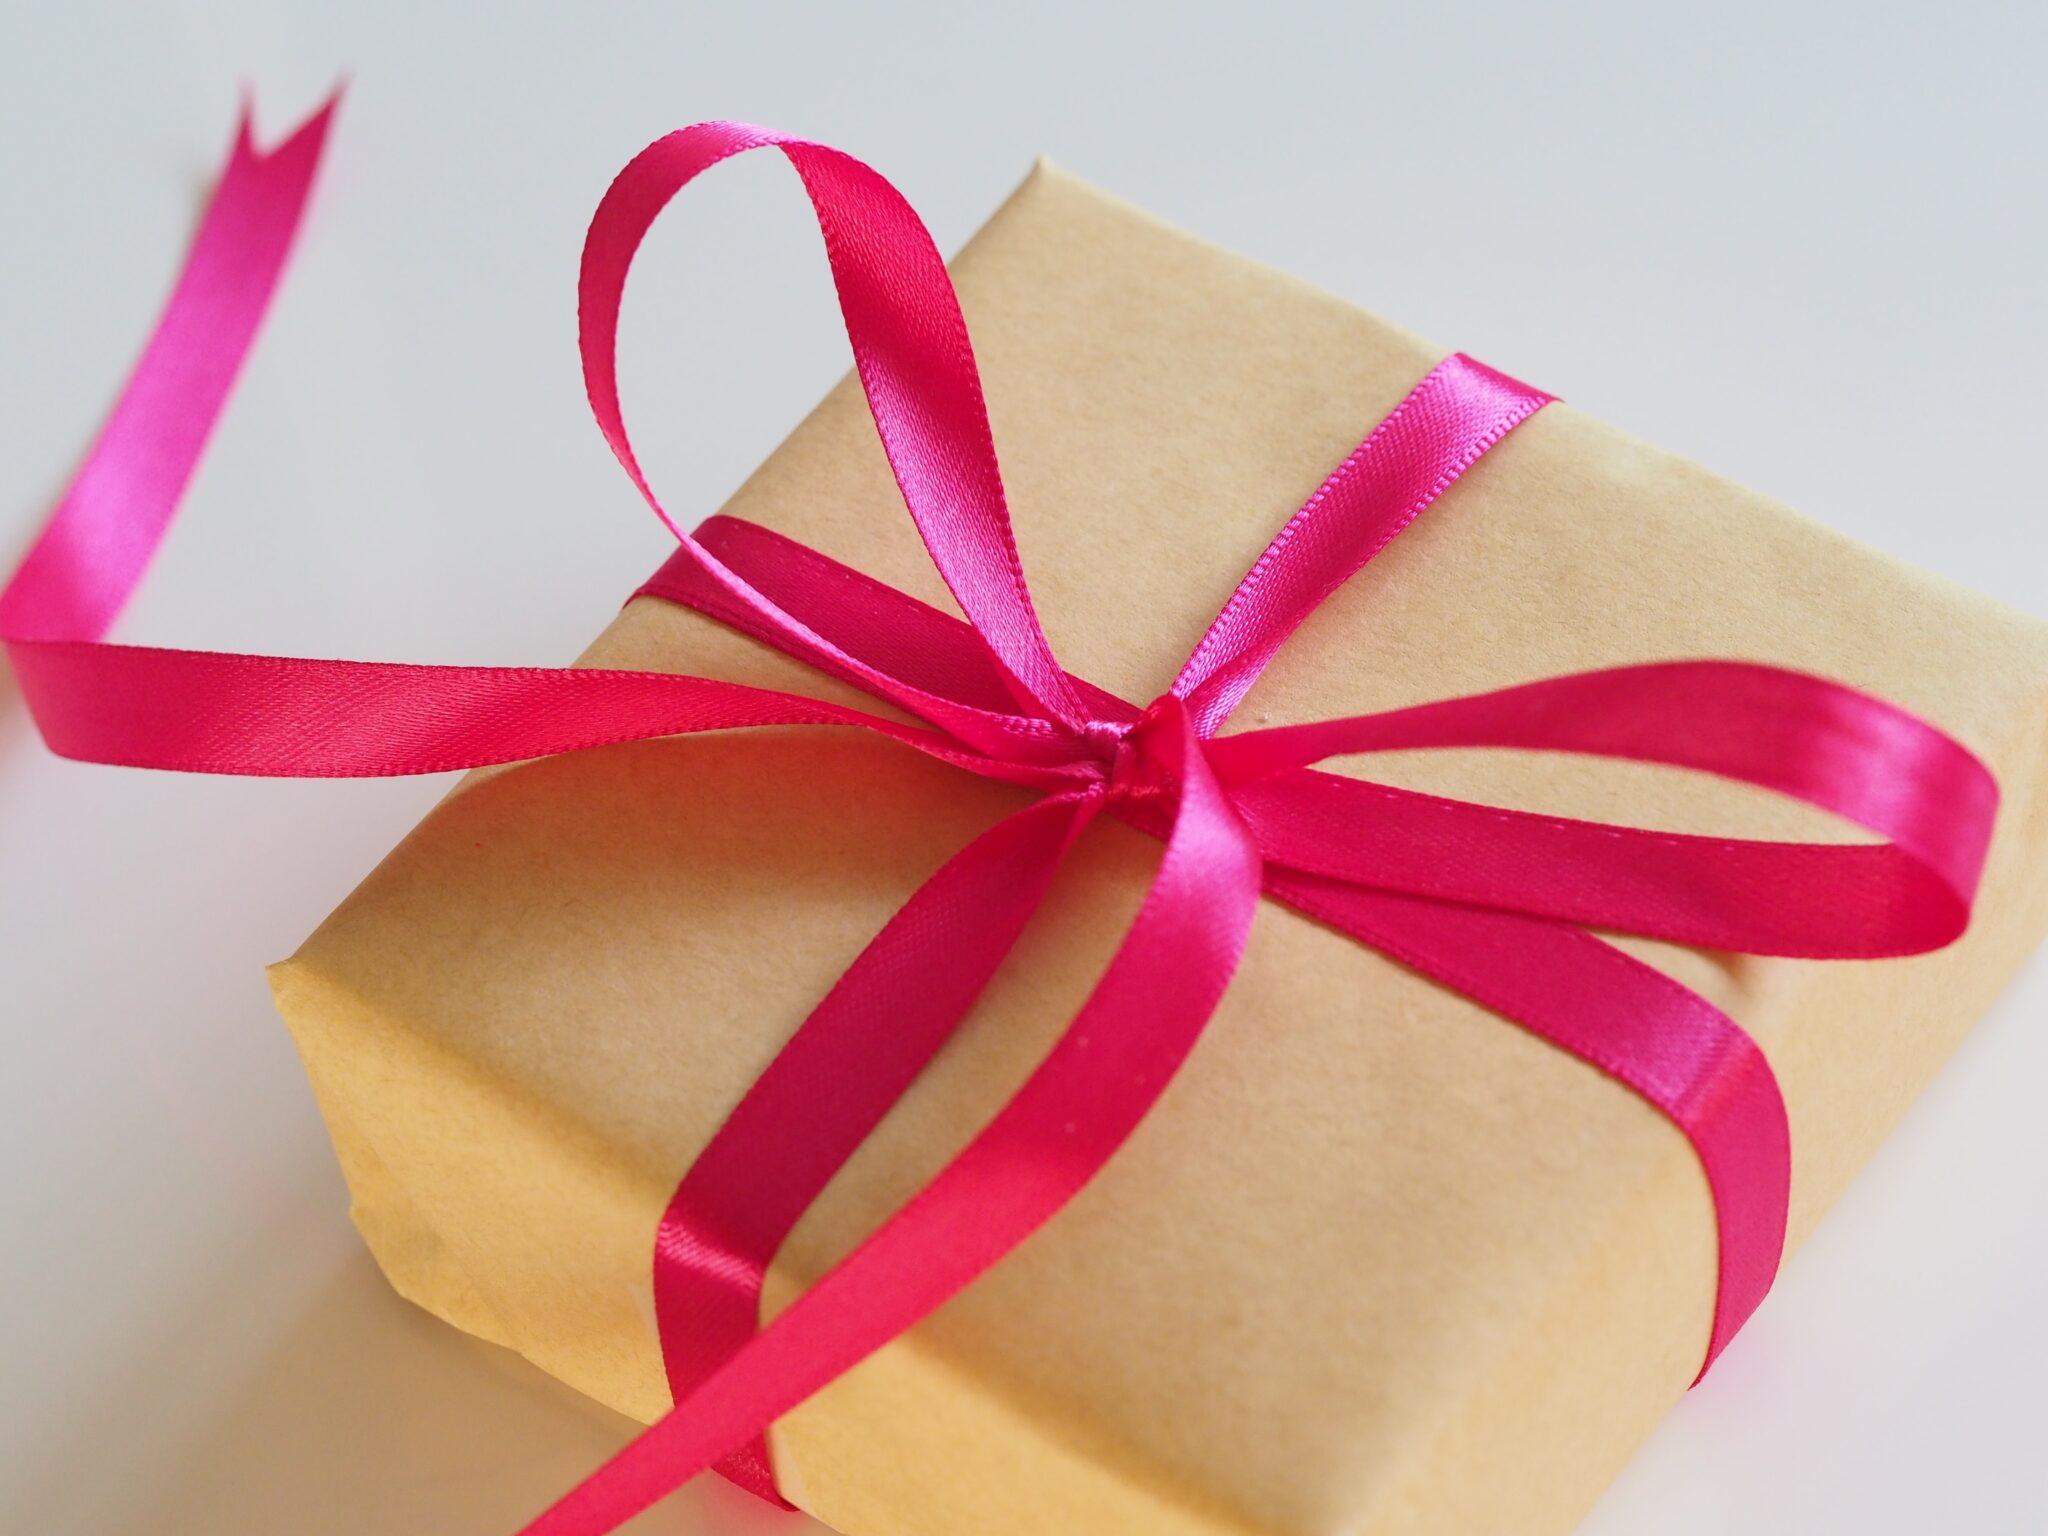 2 Modele de accesorii exclusiviste – idei de cadouri originale